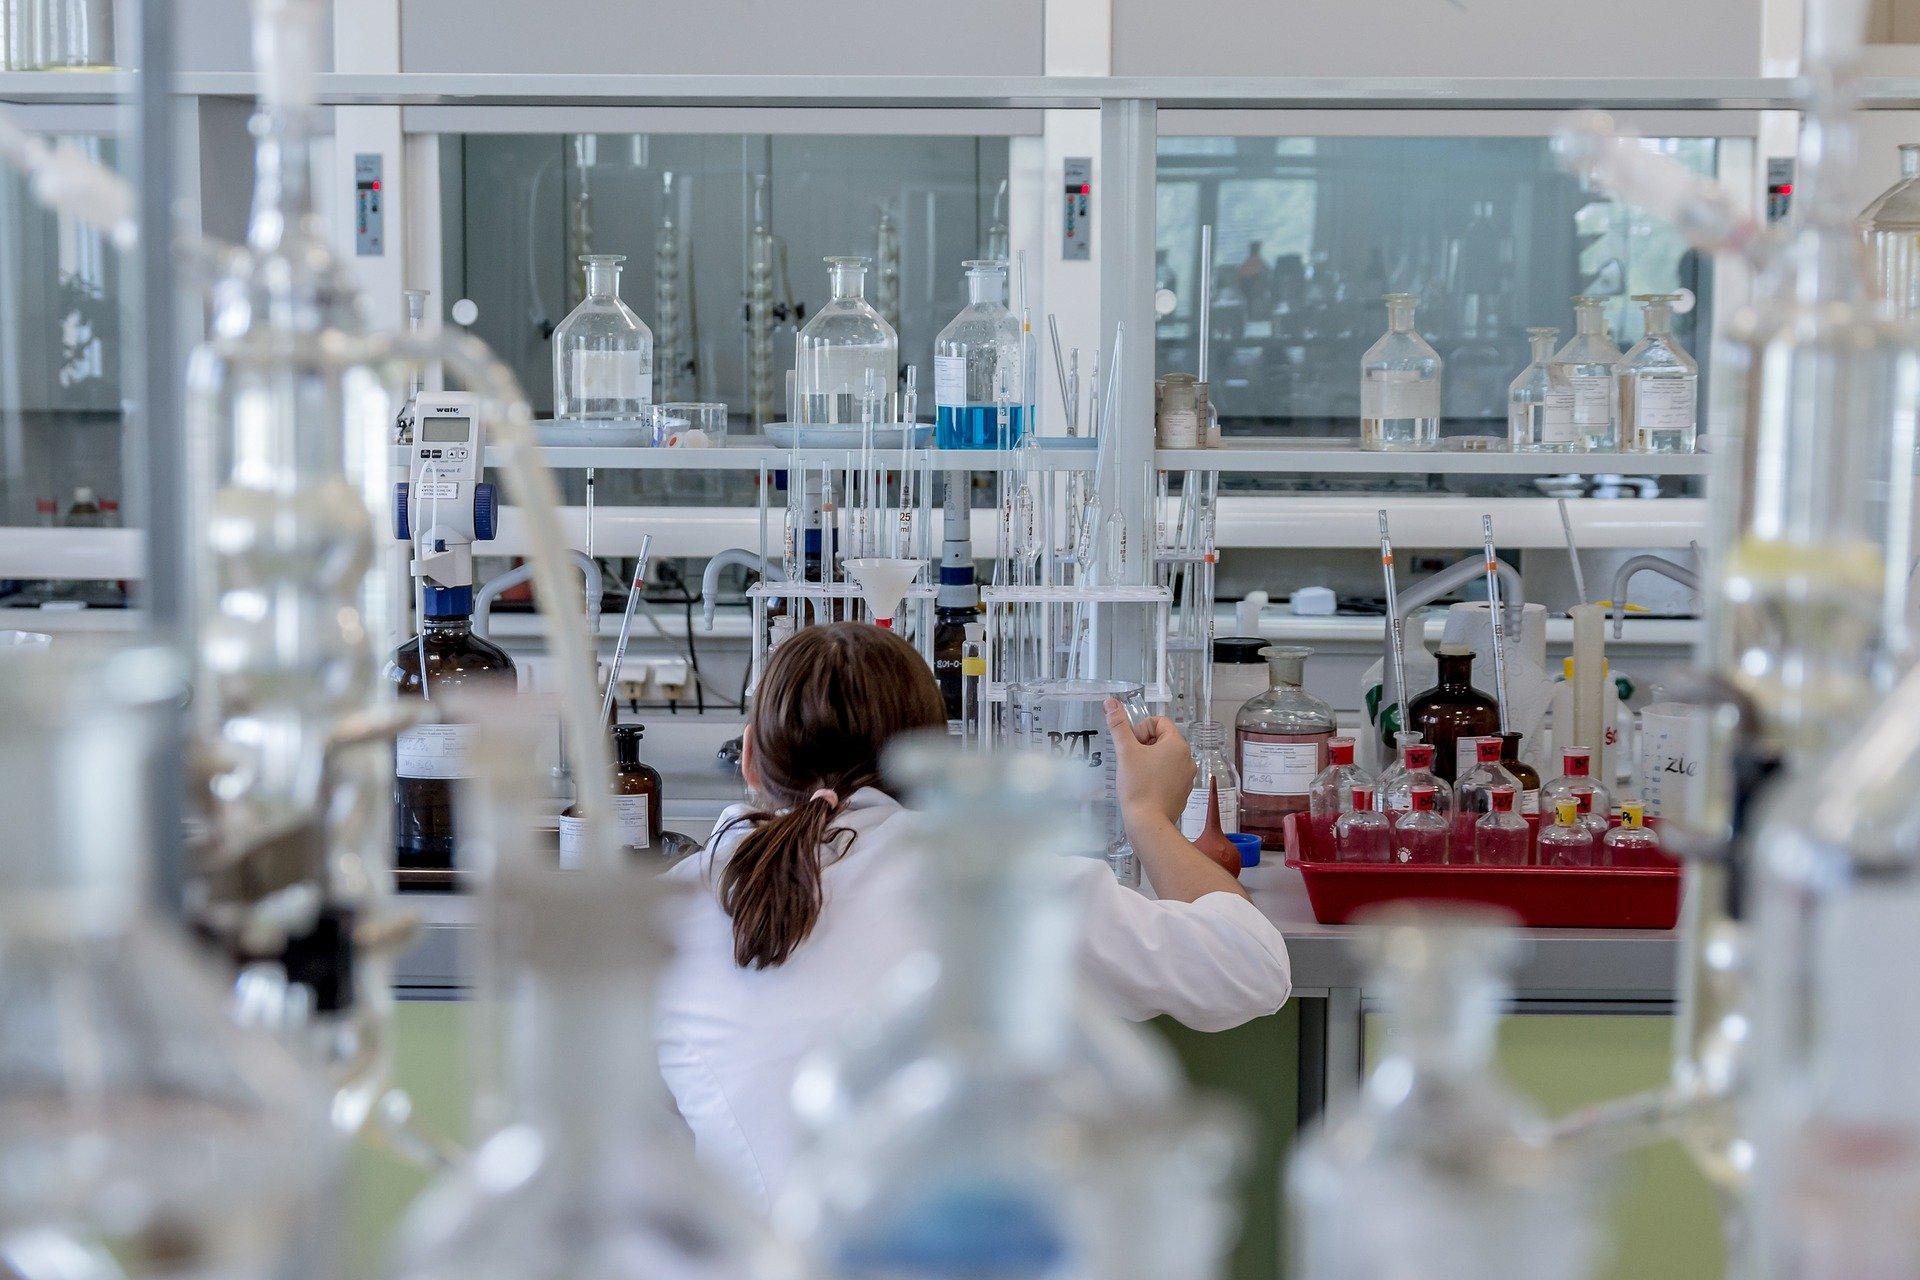 Willkürliche Befristungen von Mitarbeitern (m/w/d) in Wissenschaft und Forschung nicht mehr möglich